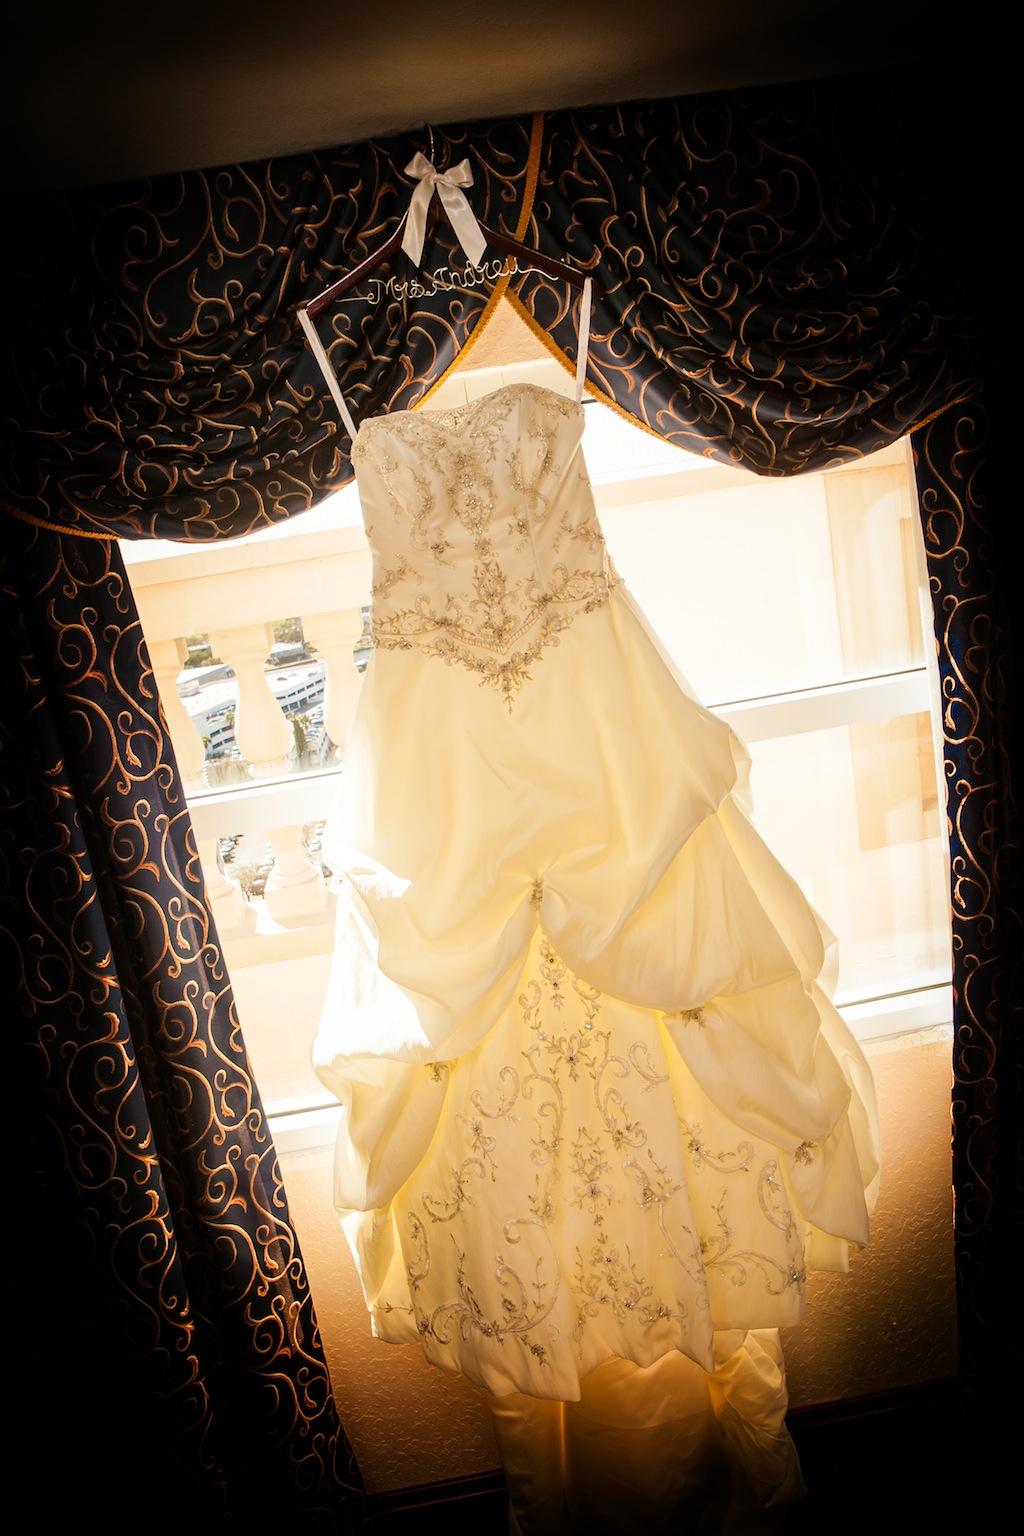 Floridan Palace Wedding, Downtown Tampa - Tampa Wedding Planner Burkle Events & Tampa Wedding Photographer Gary Kaplan Photography (4)